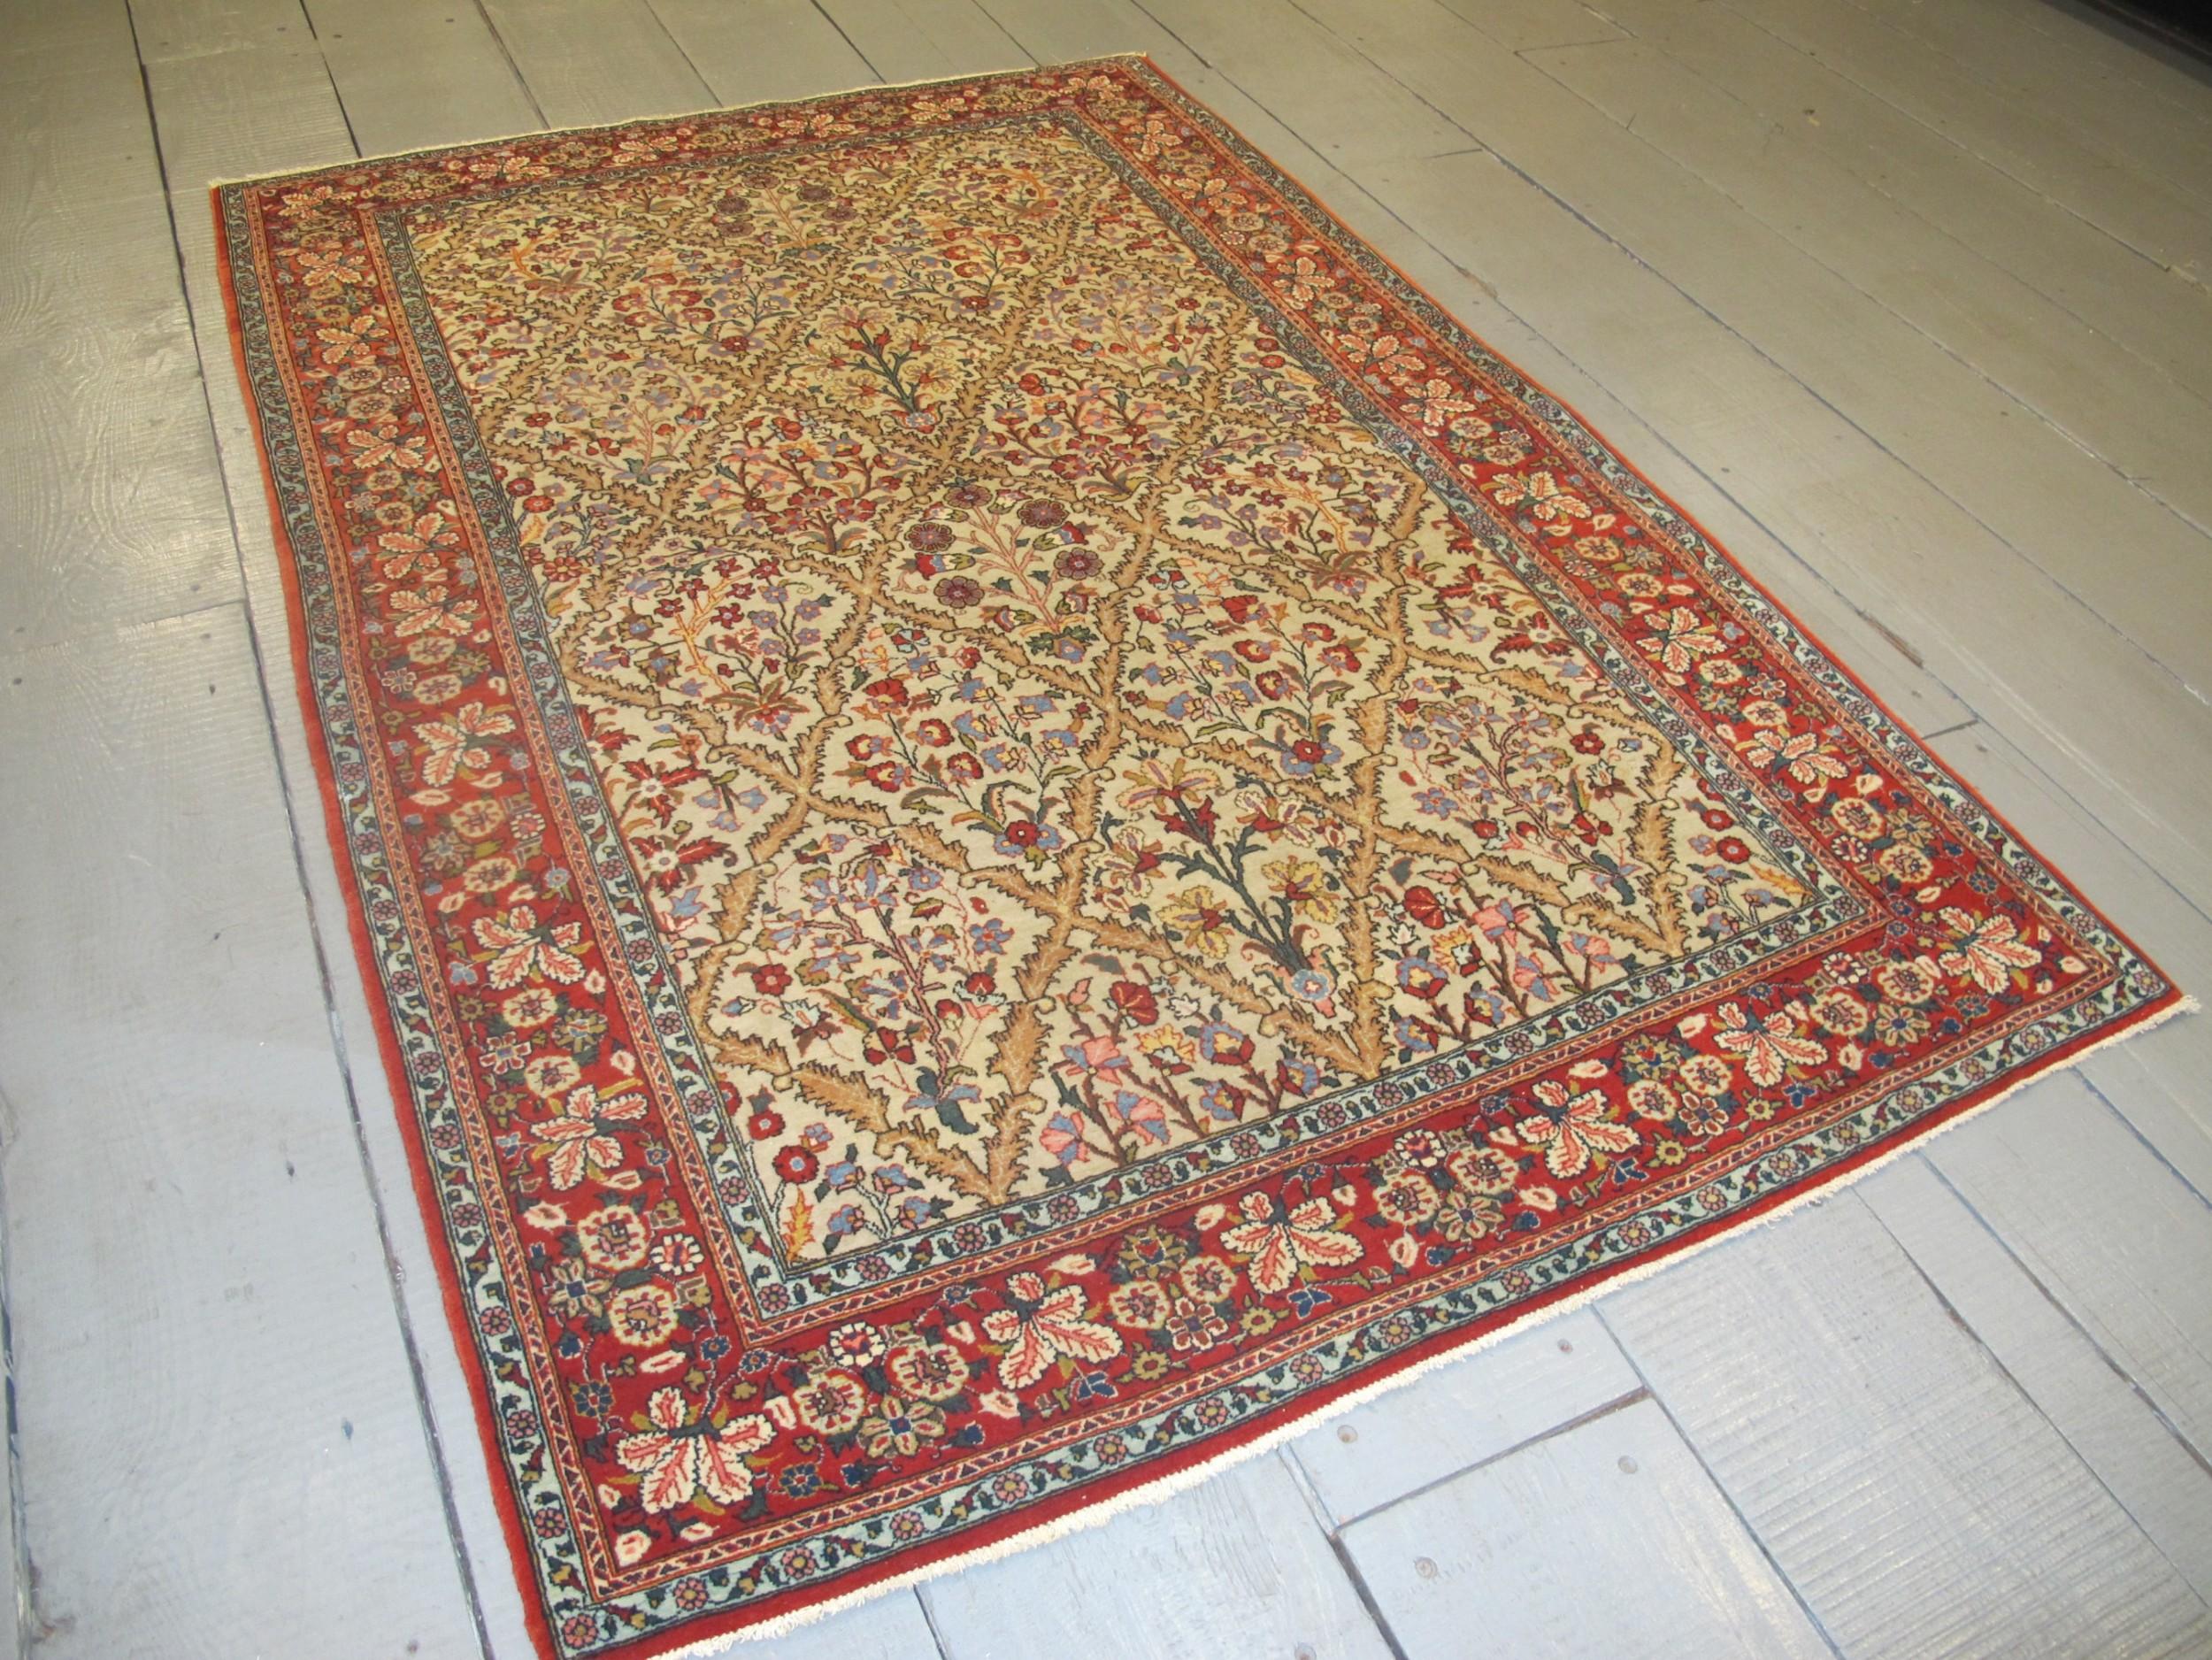 fine persian qum rug 207m x 139m 6'10 x 4'6 circa 1930